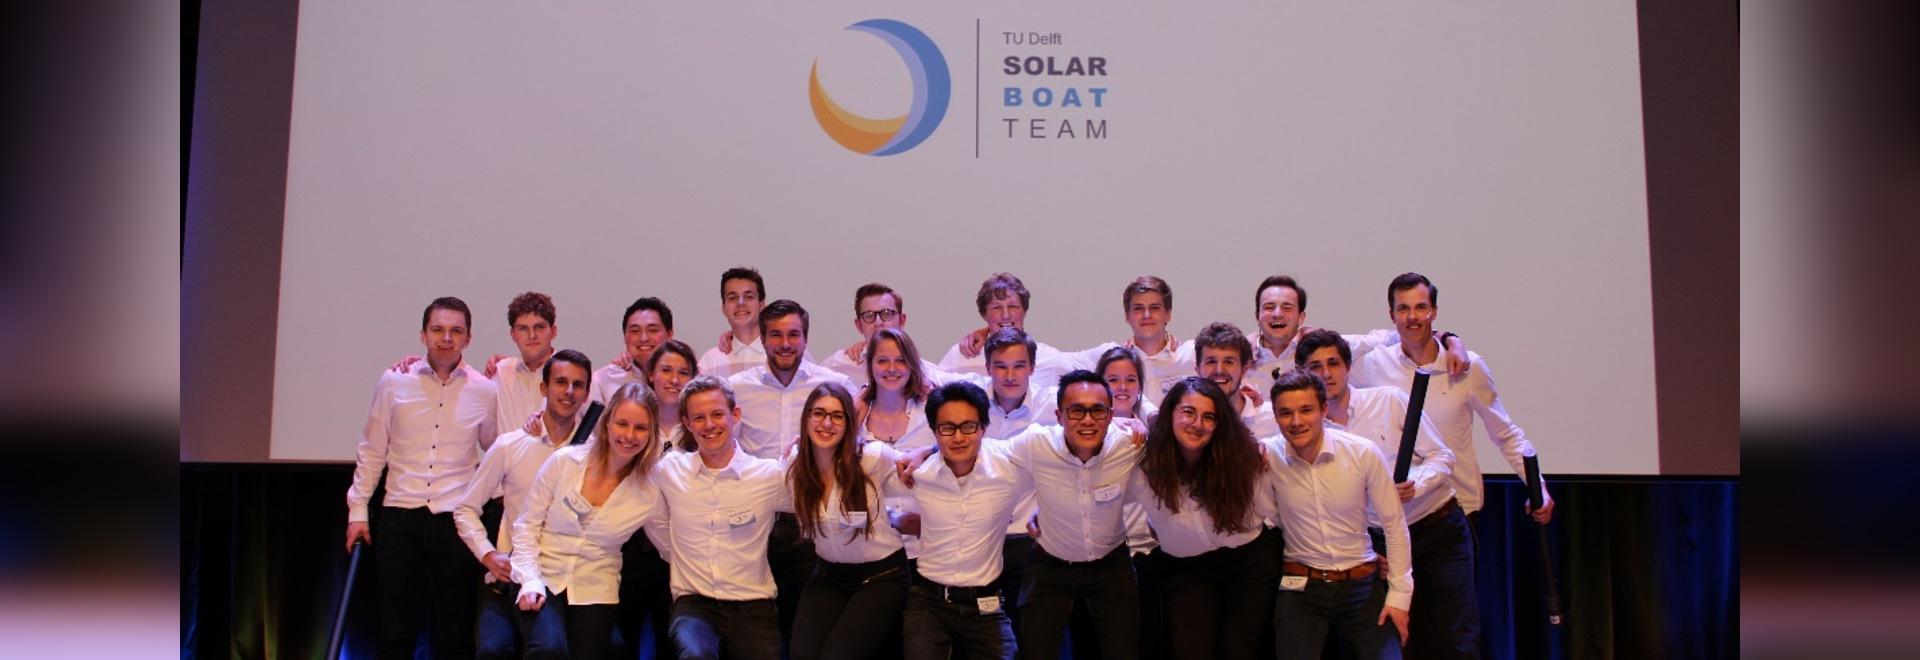 Solbian y Hevel agrupan a socios orgullosos del equipo de barco solar de la cerámica de Delft del TU